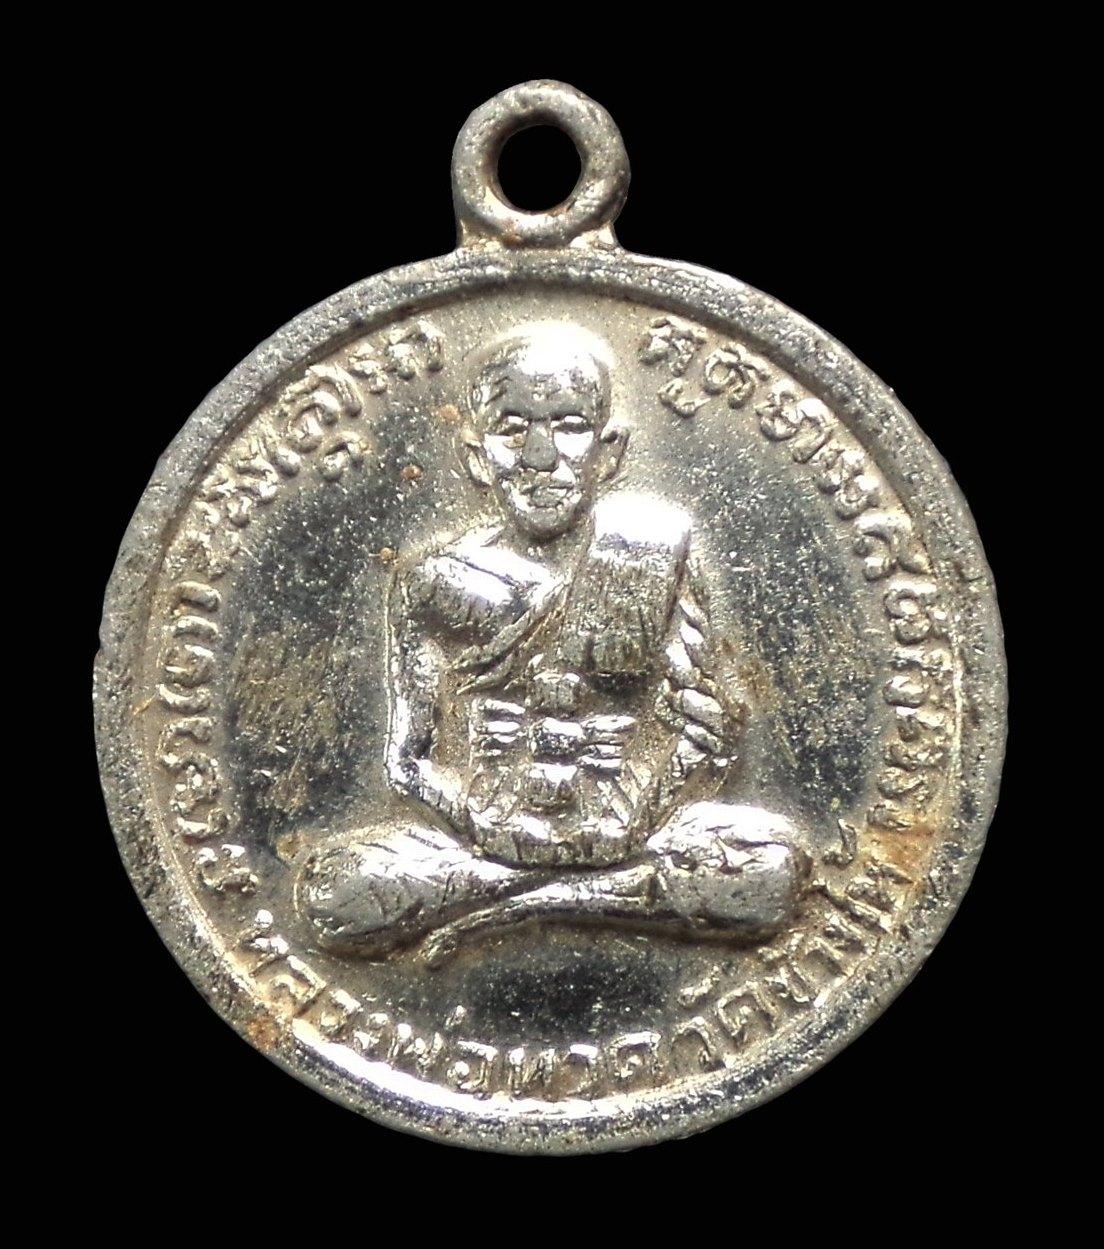 เหรียญหลวงปู่ทวด วัดช้างให้ รุ่นไหว้ครู ปี2505 เนื้ออลูมิเนียมหูปิ่นโต (พิมพ์หน้าหนุ่ม)